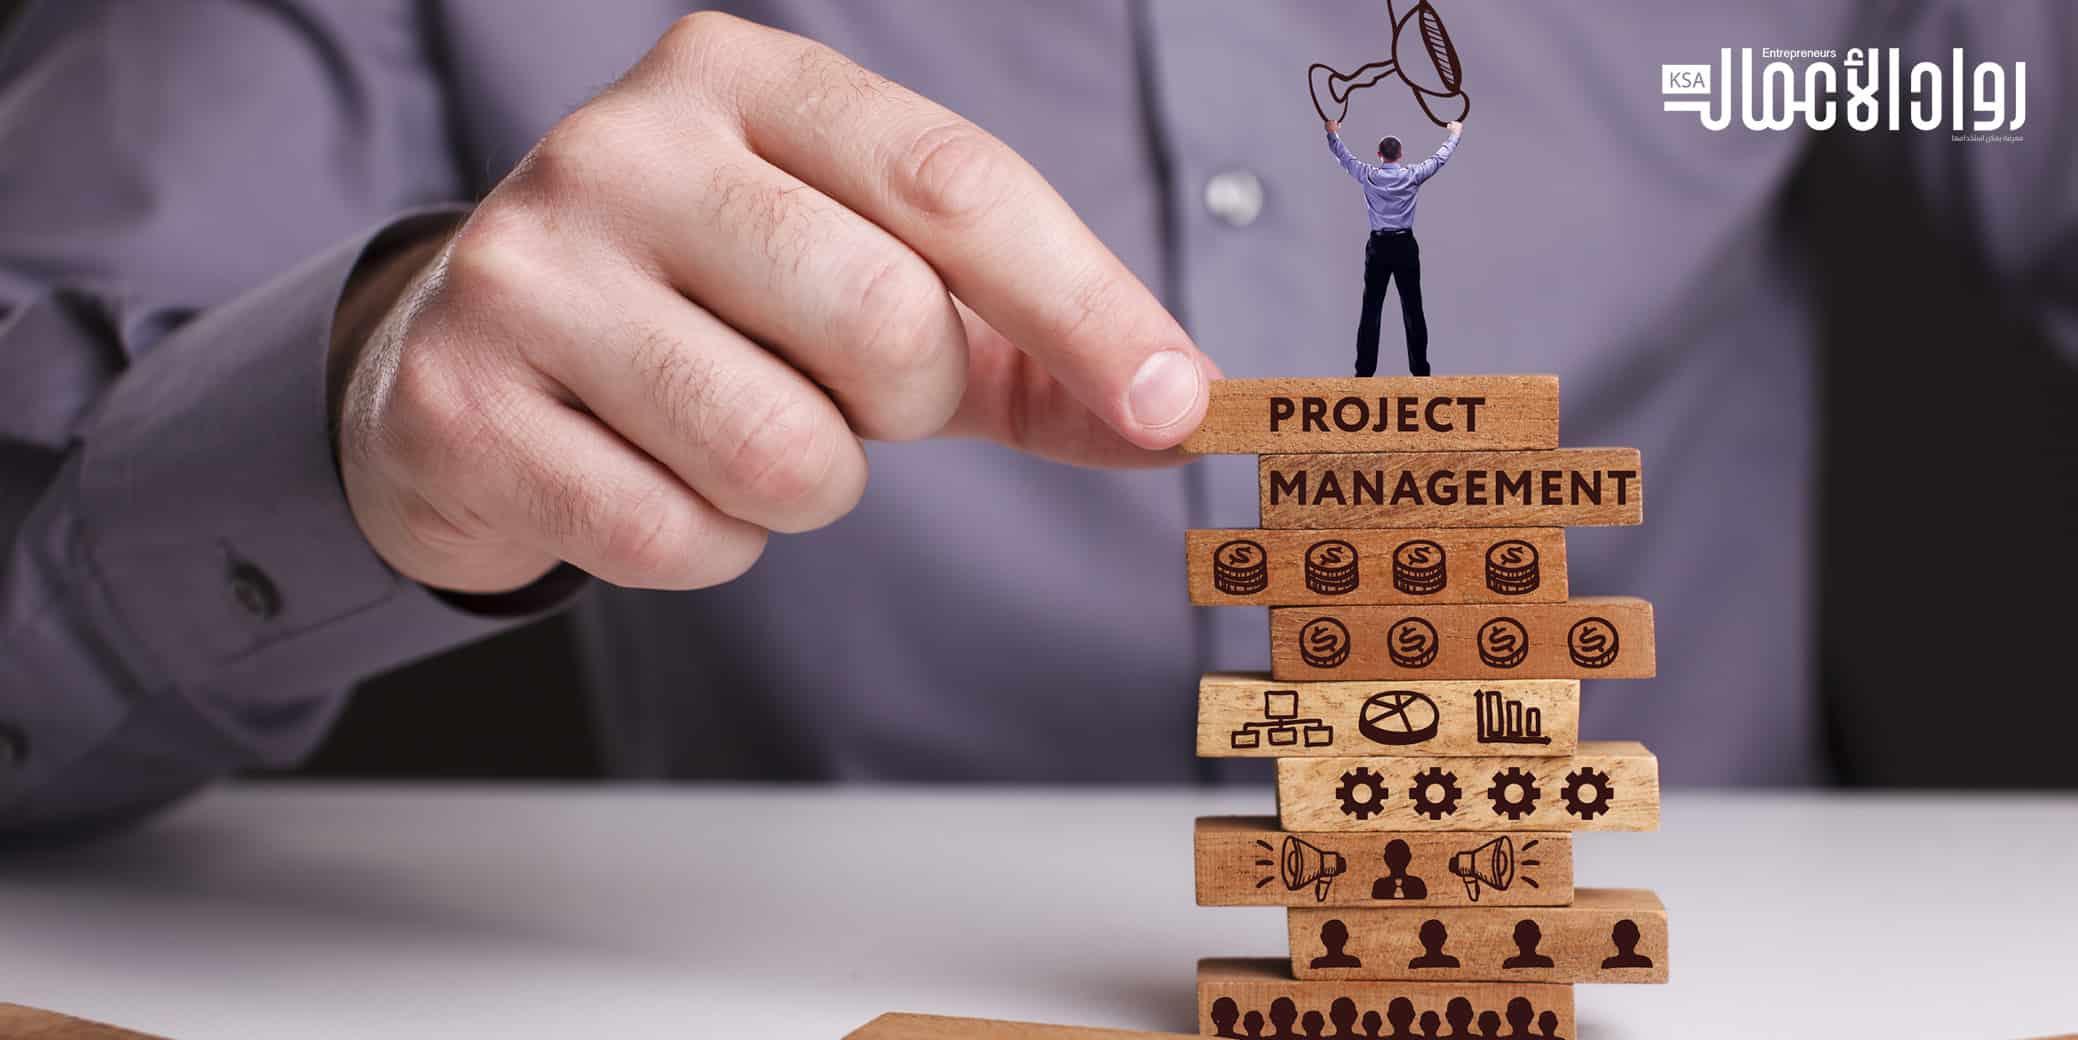 مراحل نمو المشاريع